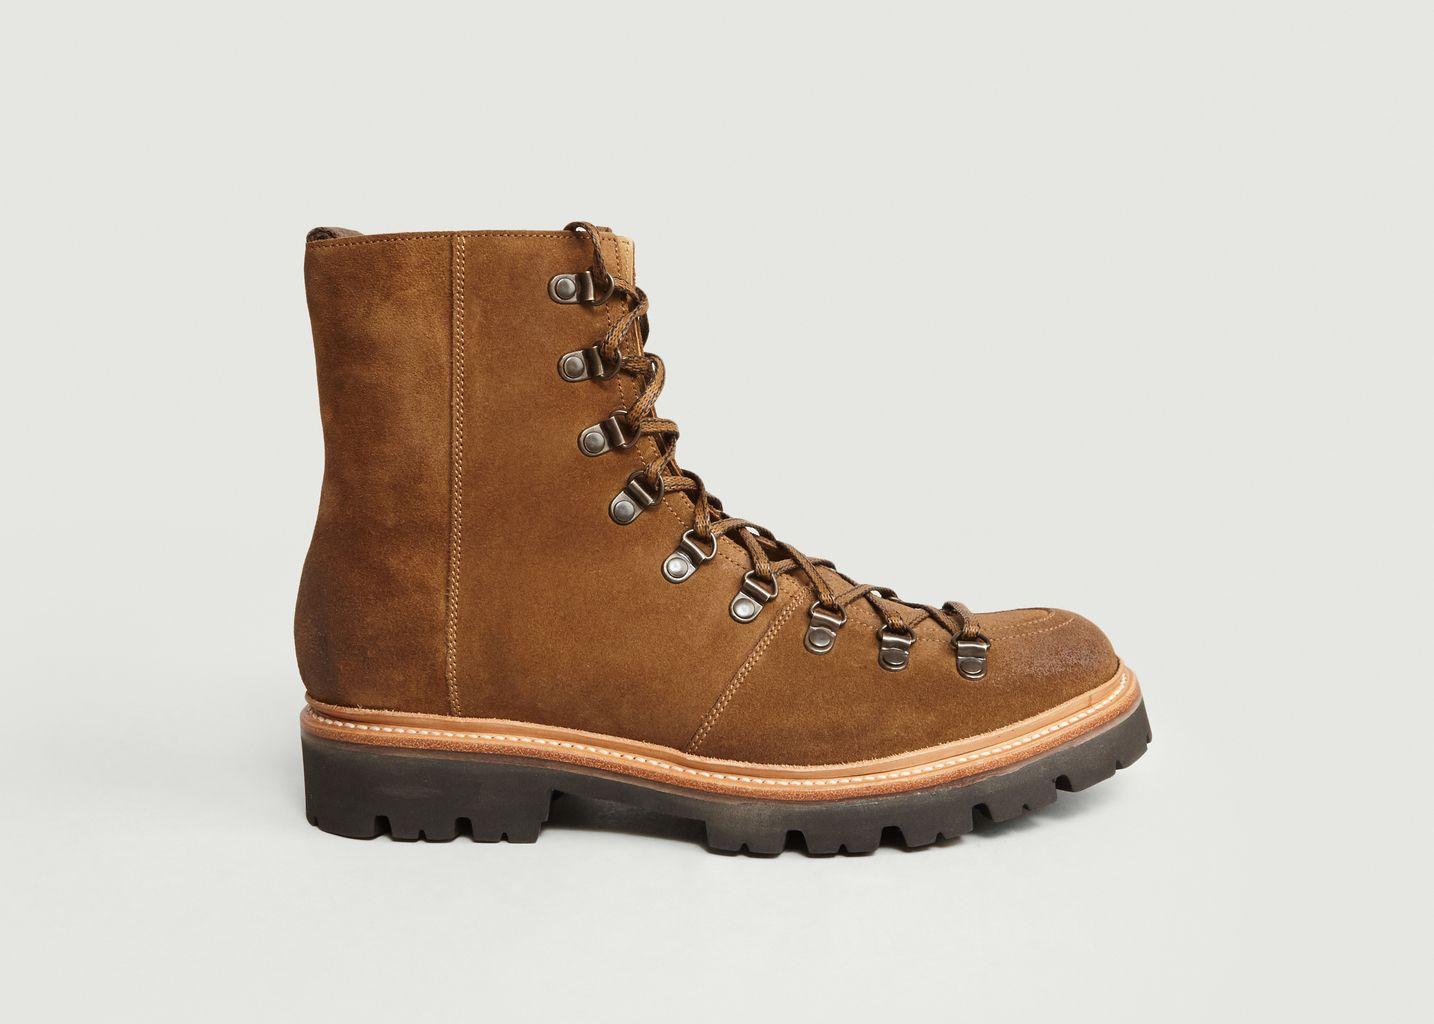 b9d09ddd4dd Brady Mountain Boots Brown Grenson